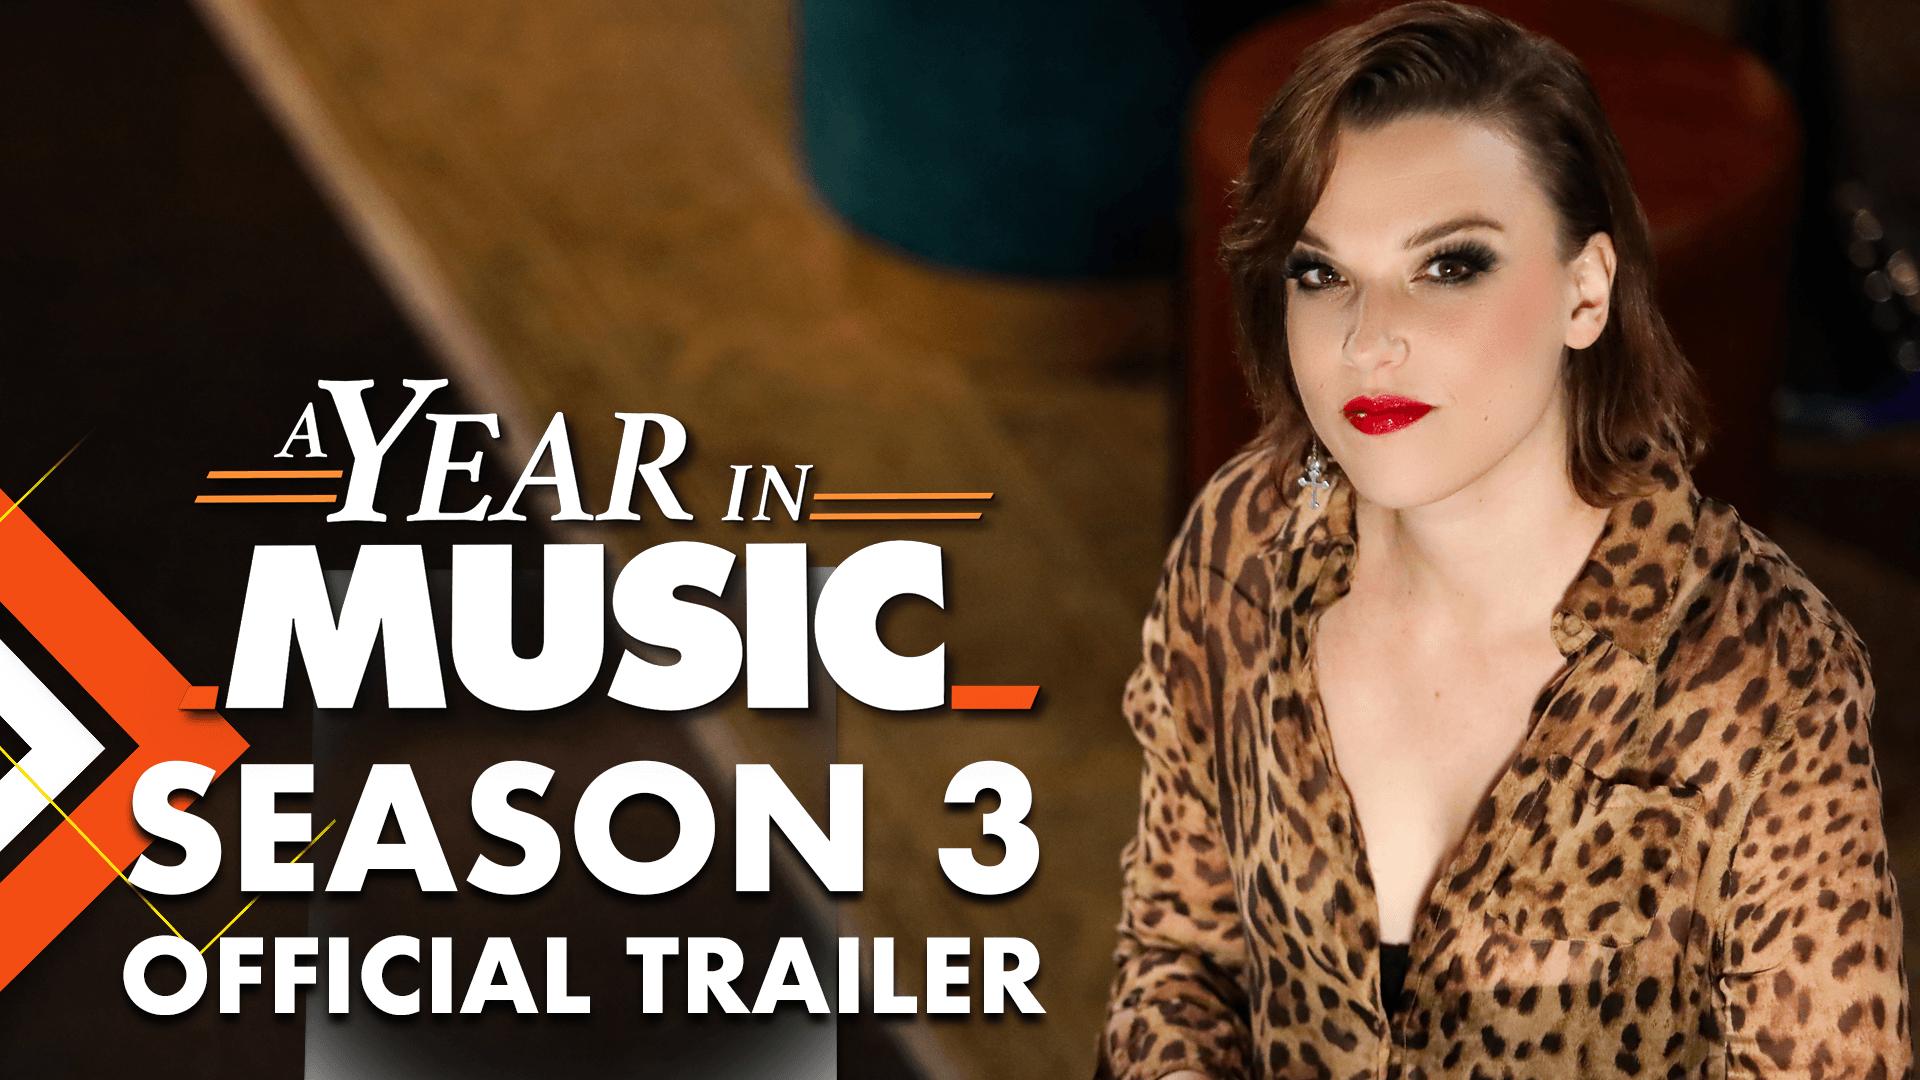 A Year in Music | Season 3 Trailer